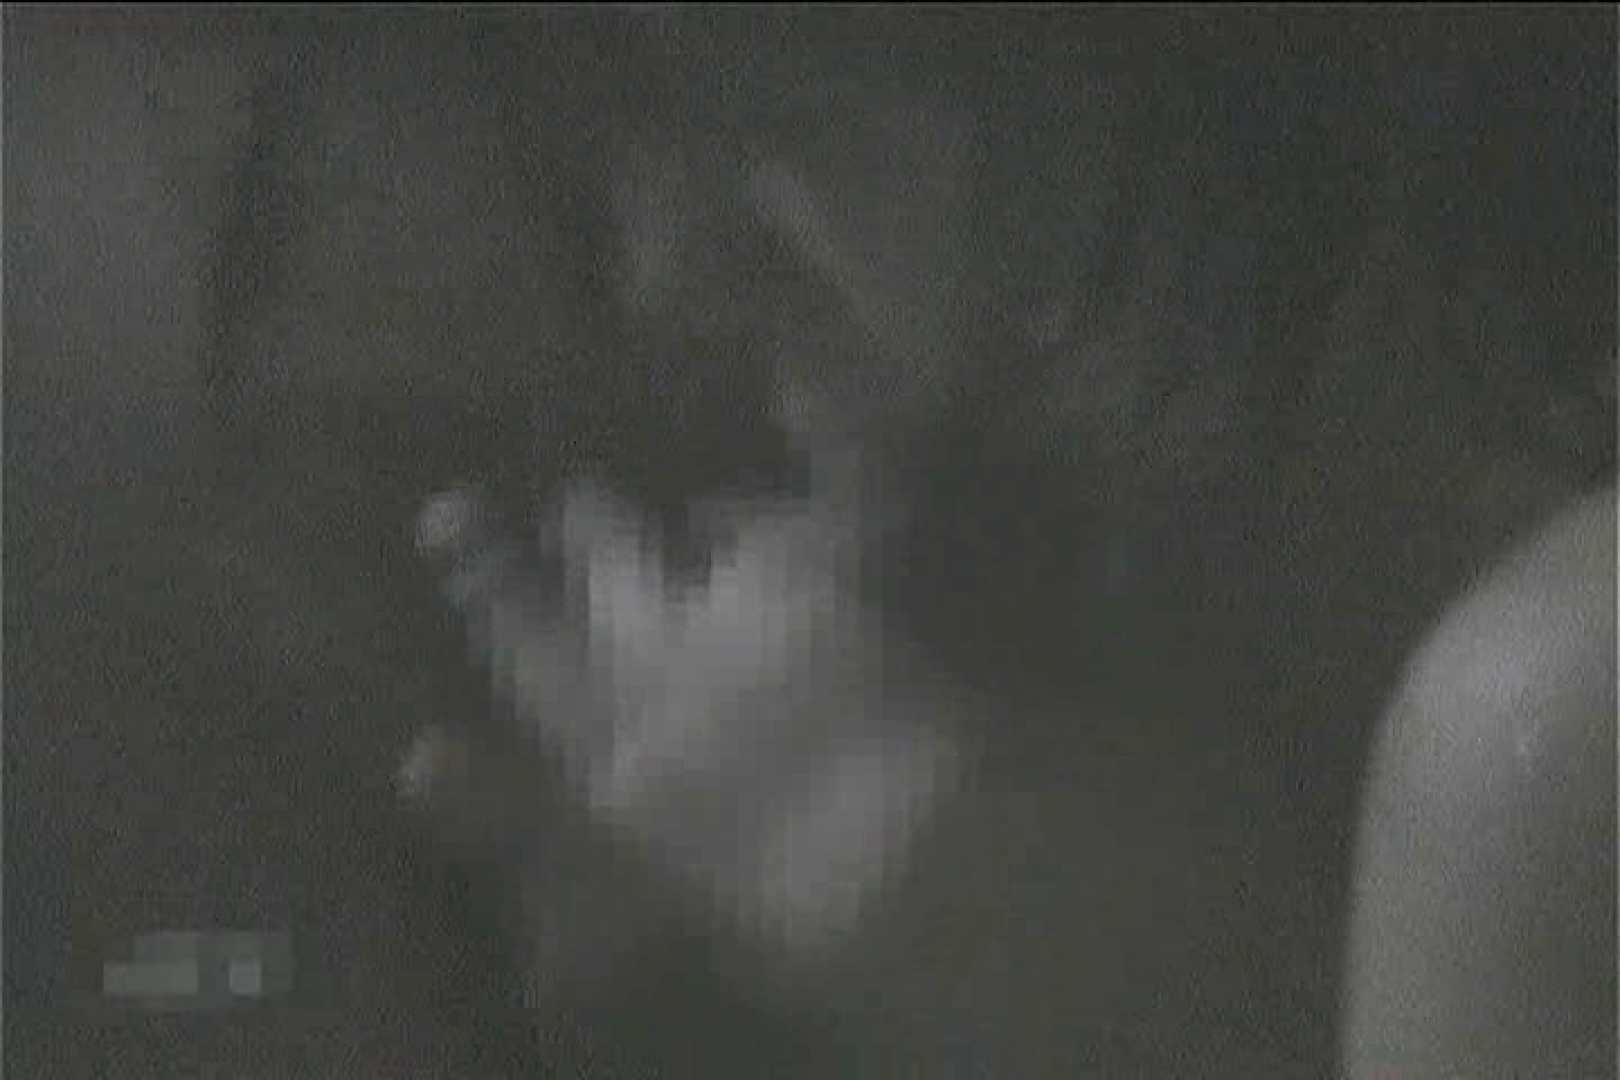 全裸で発情!!家族風呂の実態Vol.3 すけべな素人 ヌード画像 95画像 87